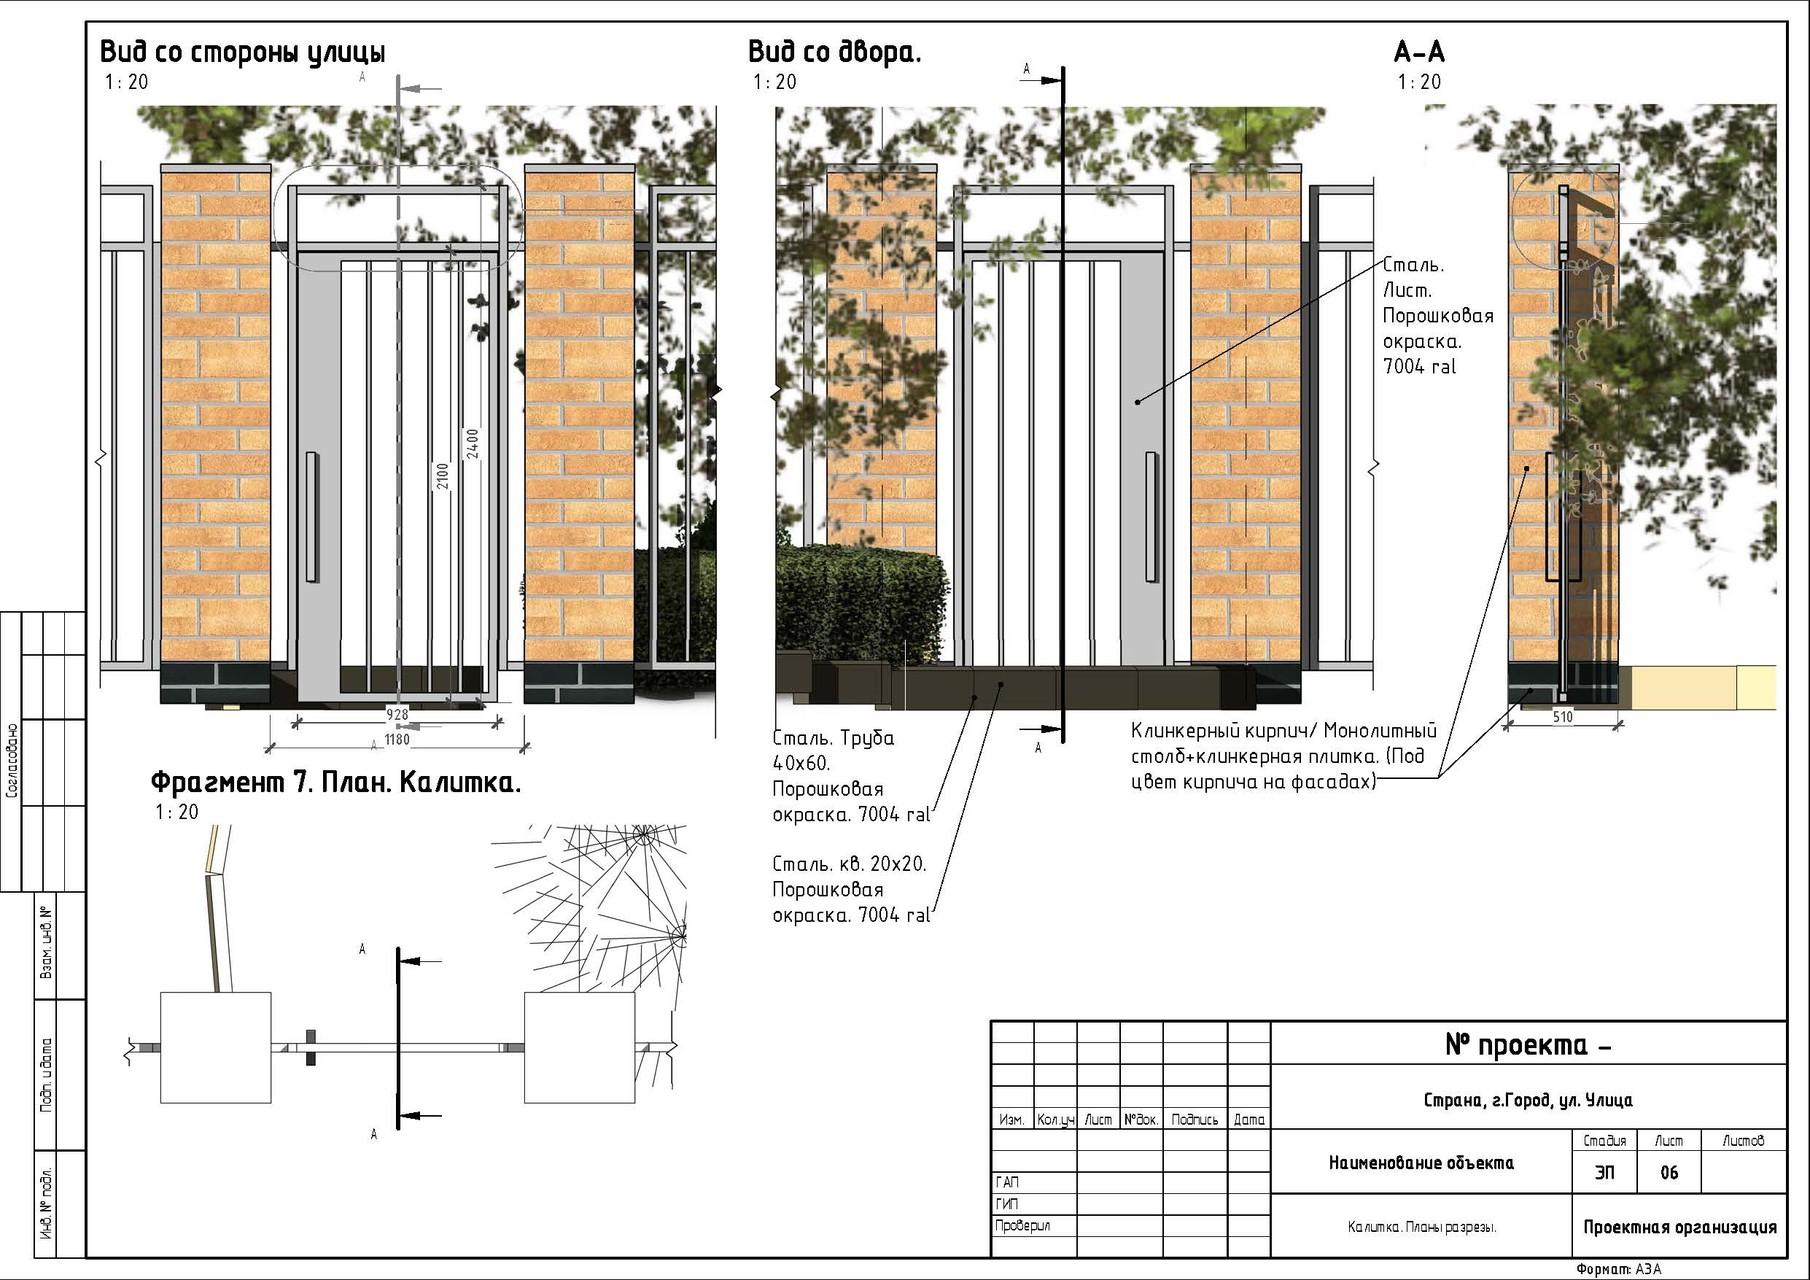 Архитектурный проект с благоустройством территории